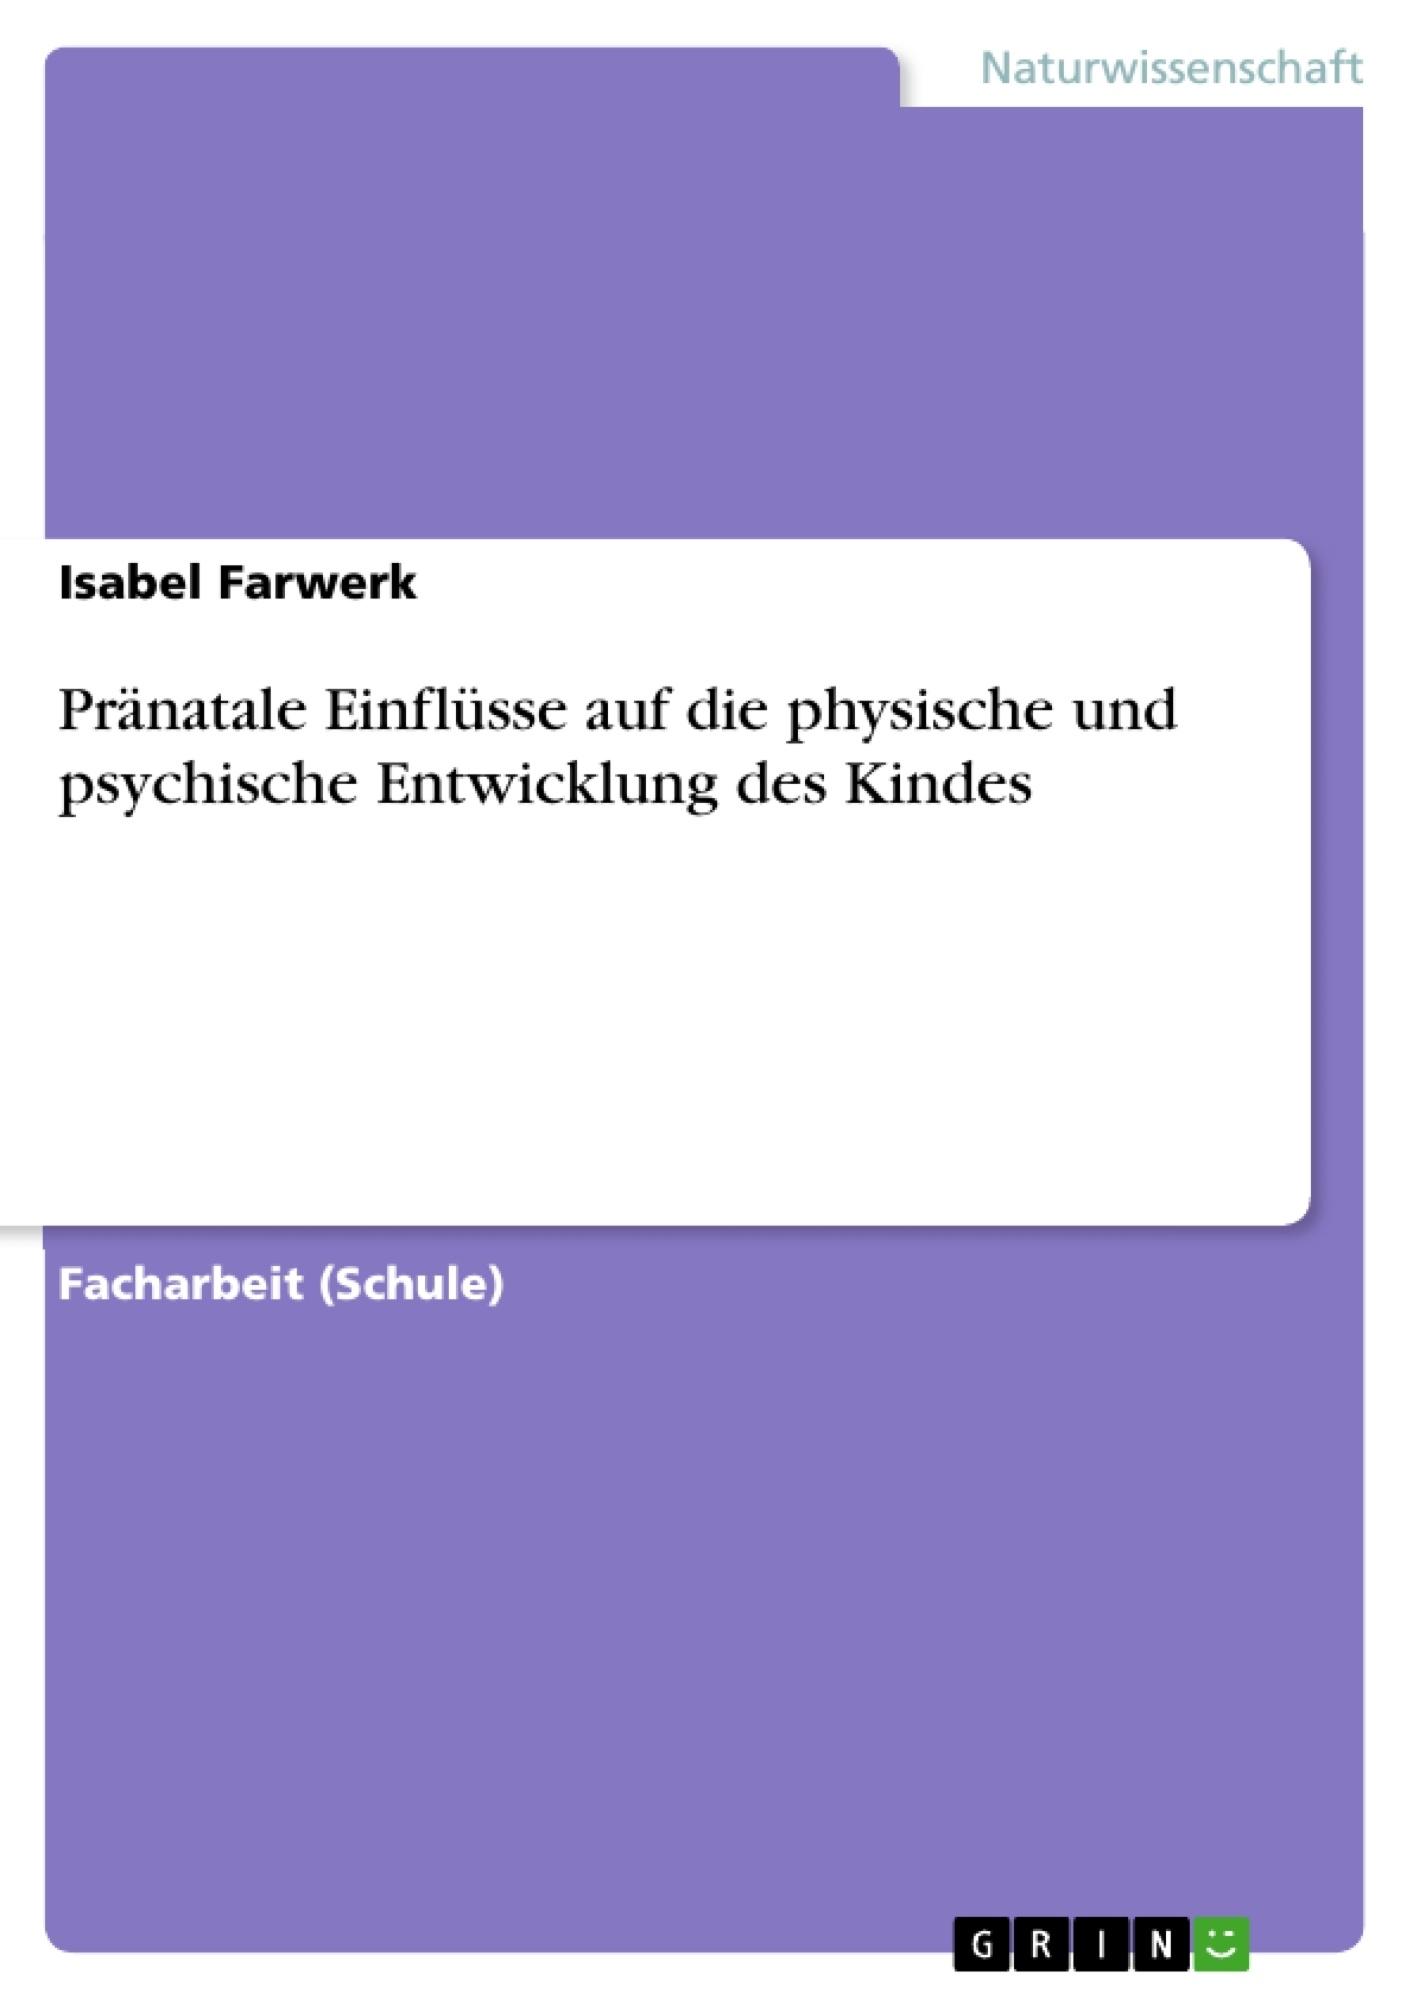 Titel: Pränatale Einflüsse auf die physische und psychische Entwicklung des Kindes